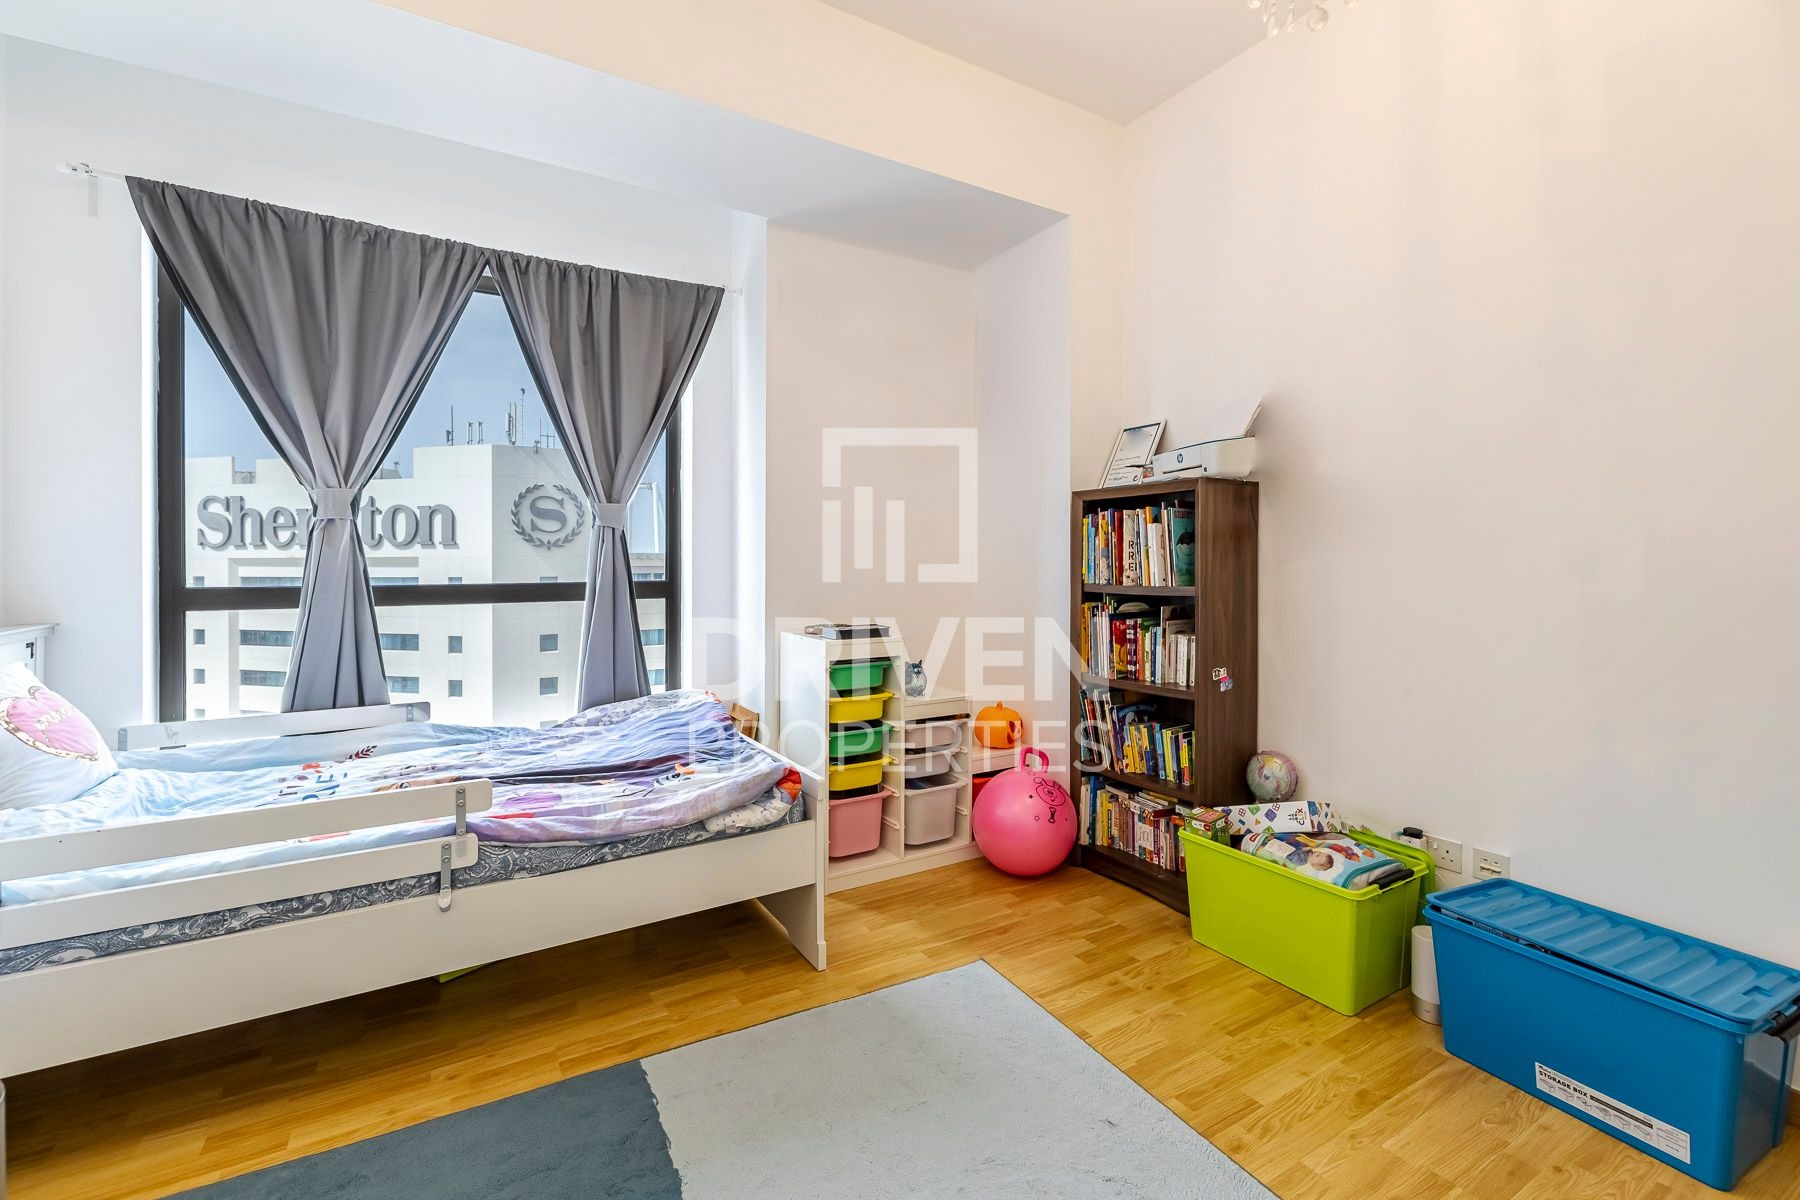 للبيع - شقة - شمس 4 - مساكن شاطئ الجميرا